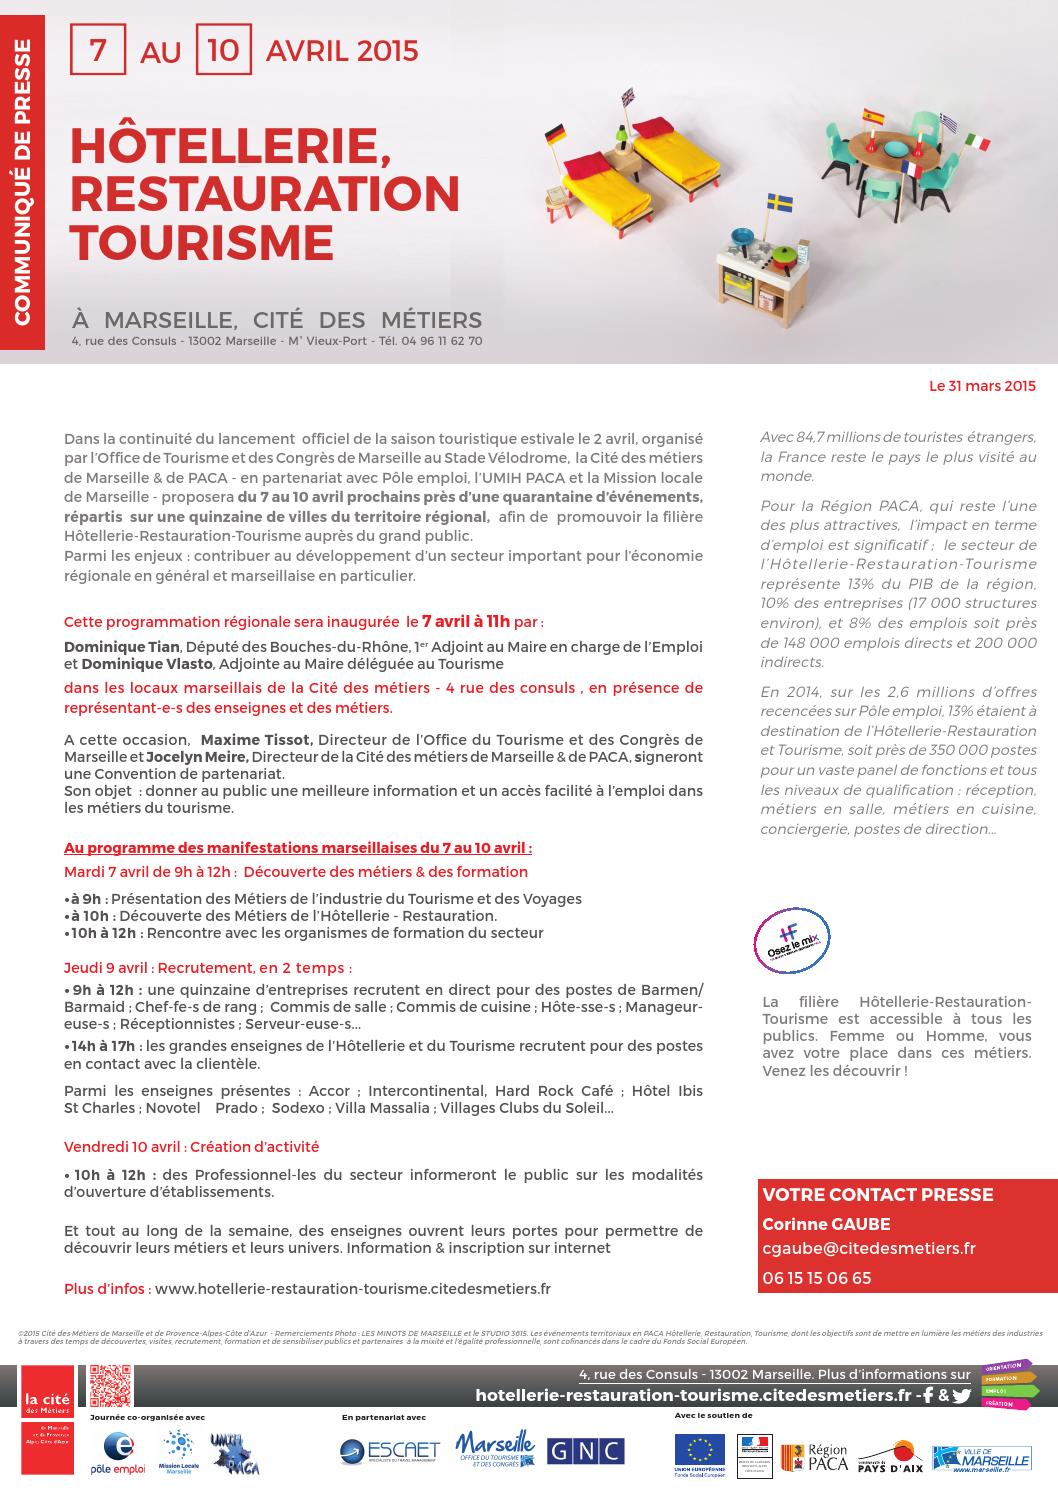 H tellerie restauration tourisme by cit des m tiers de marseille et de paca issuu - Mission locale vieux port ...